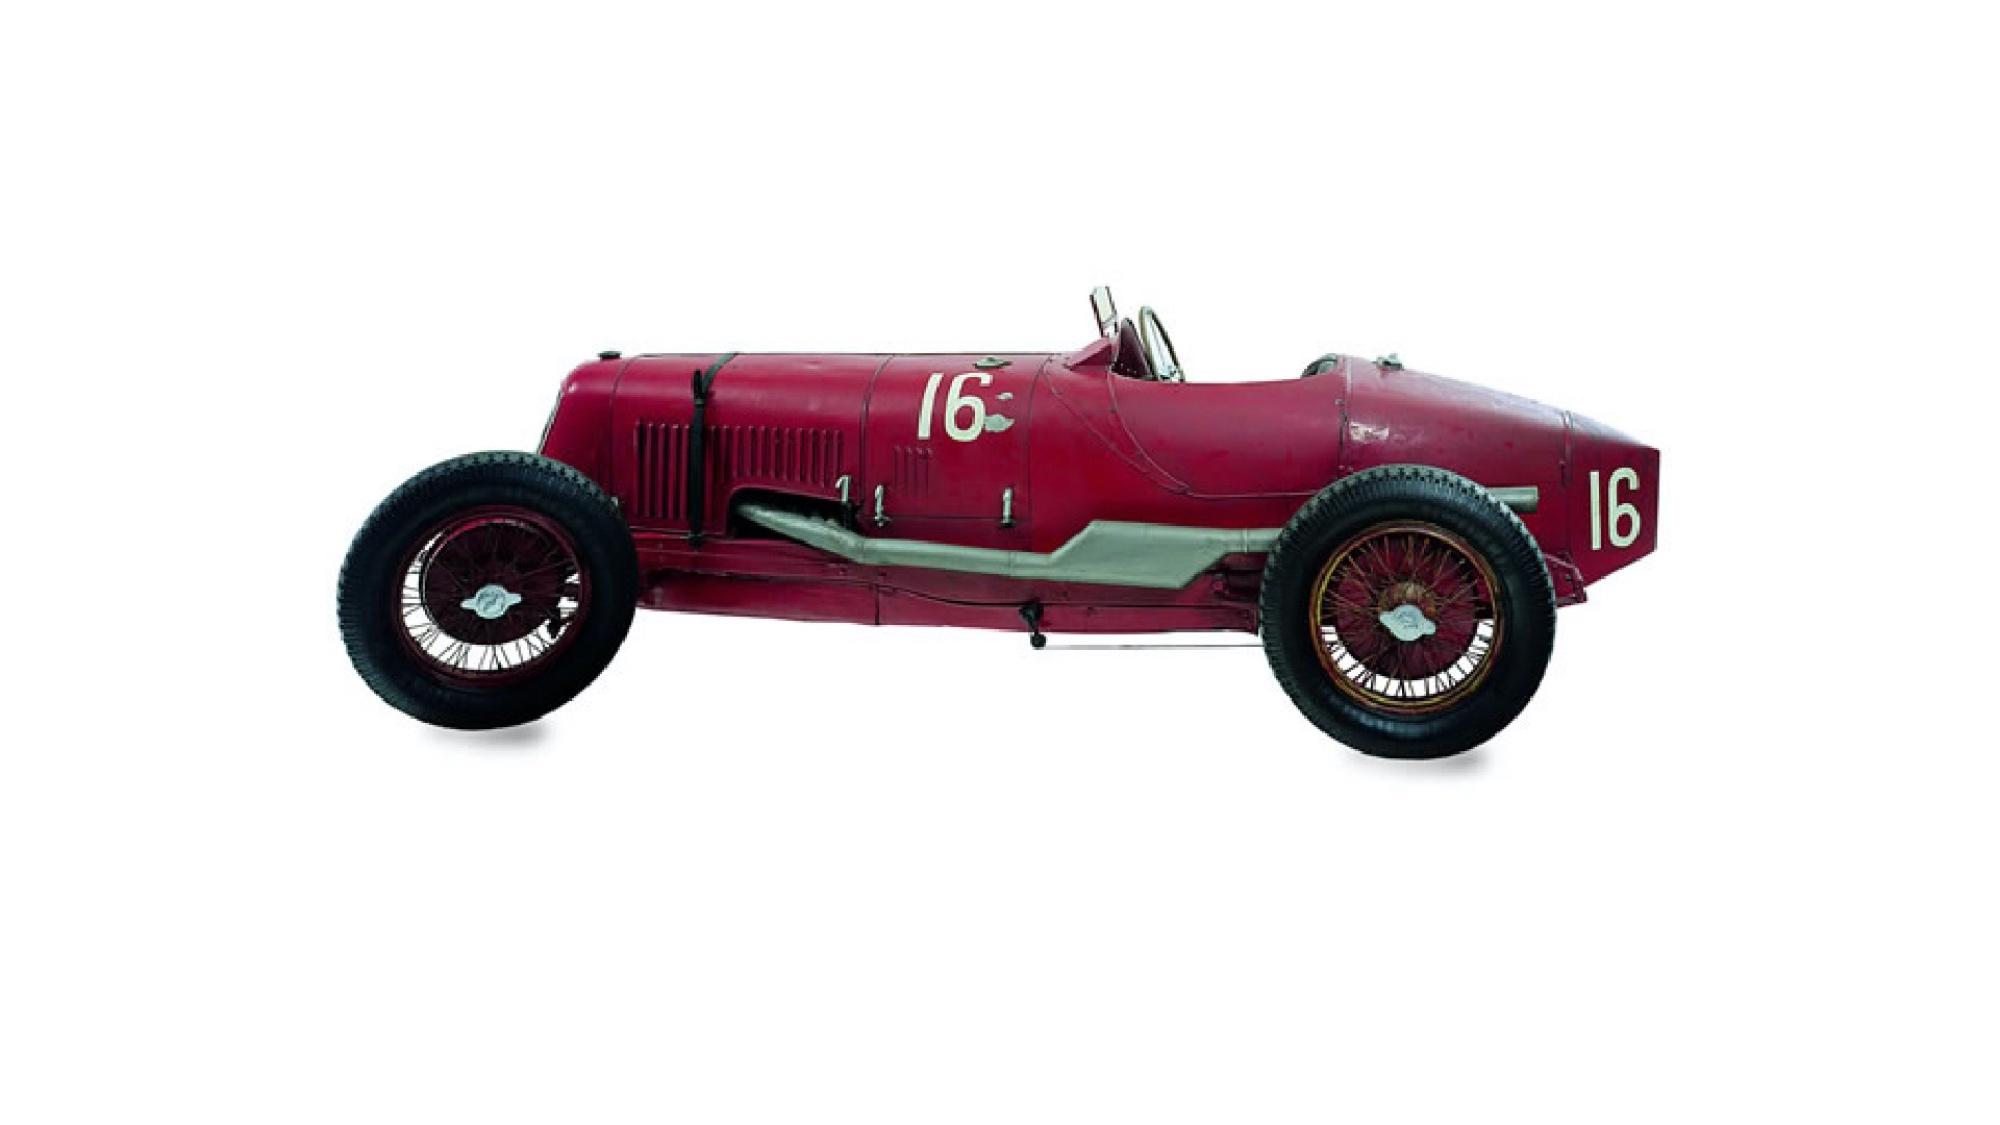 MAUTO, 12 prime volte: Maserati Tipo 26B - Veloce